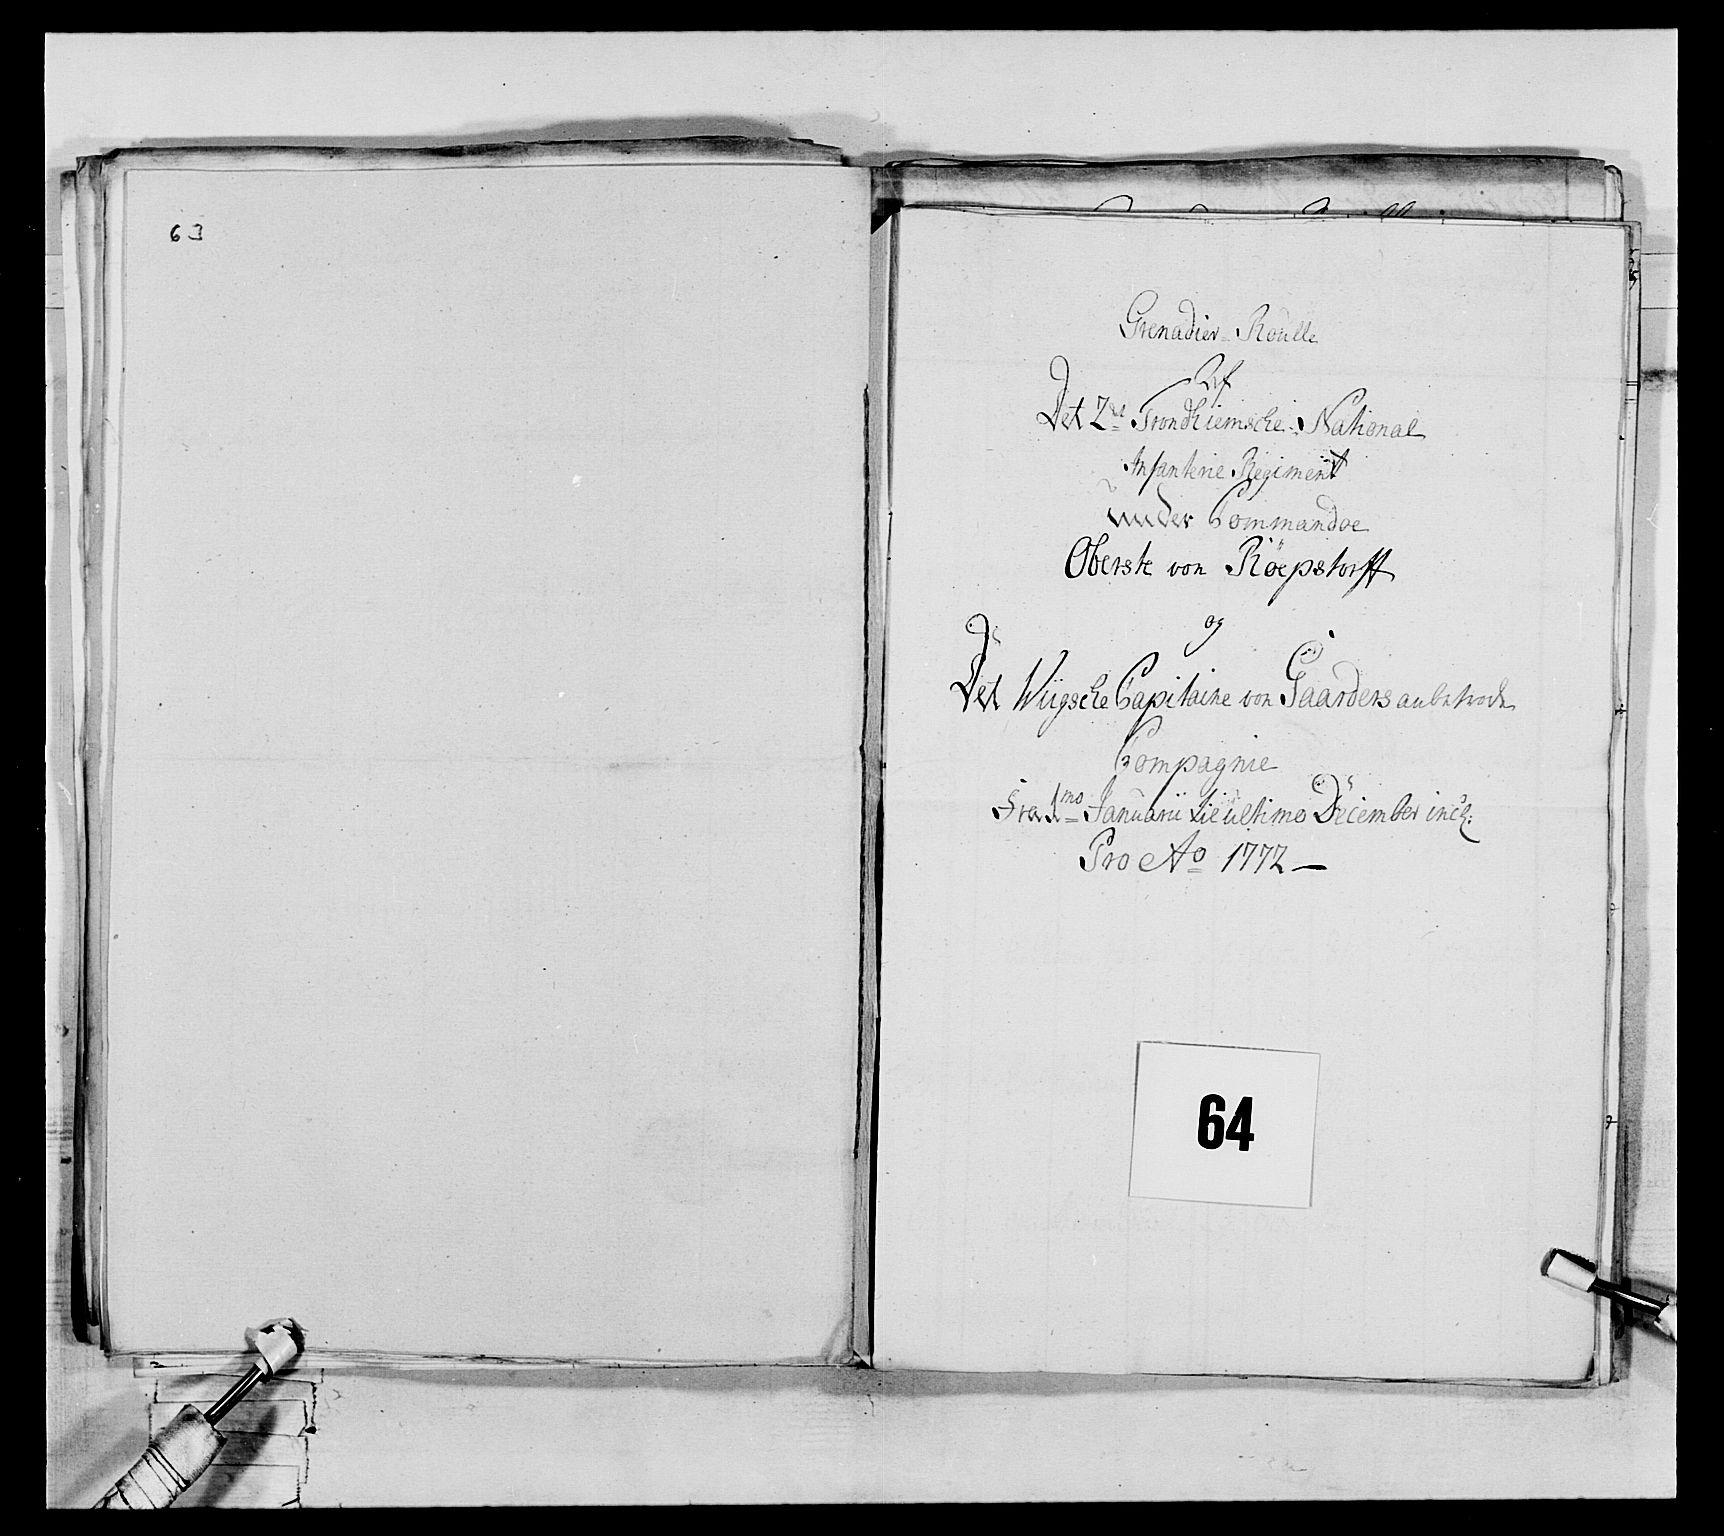 RA, Generalitets- og kommissariatskollegiet, Det kongelige norske kommissariatskollegium, E/Eh/L0076: 2. Trondheimske nasjonale infanteriregiment, 1766-1773, s. 225